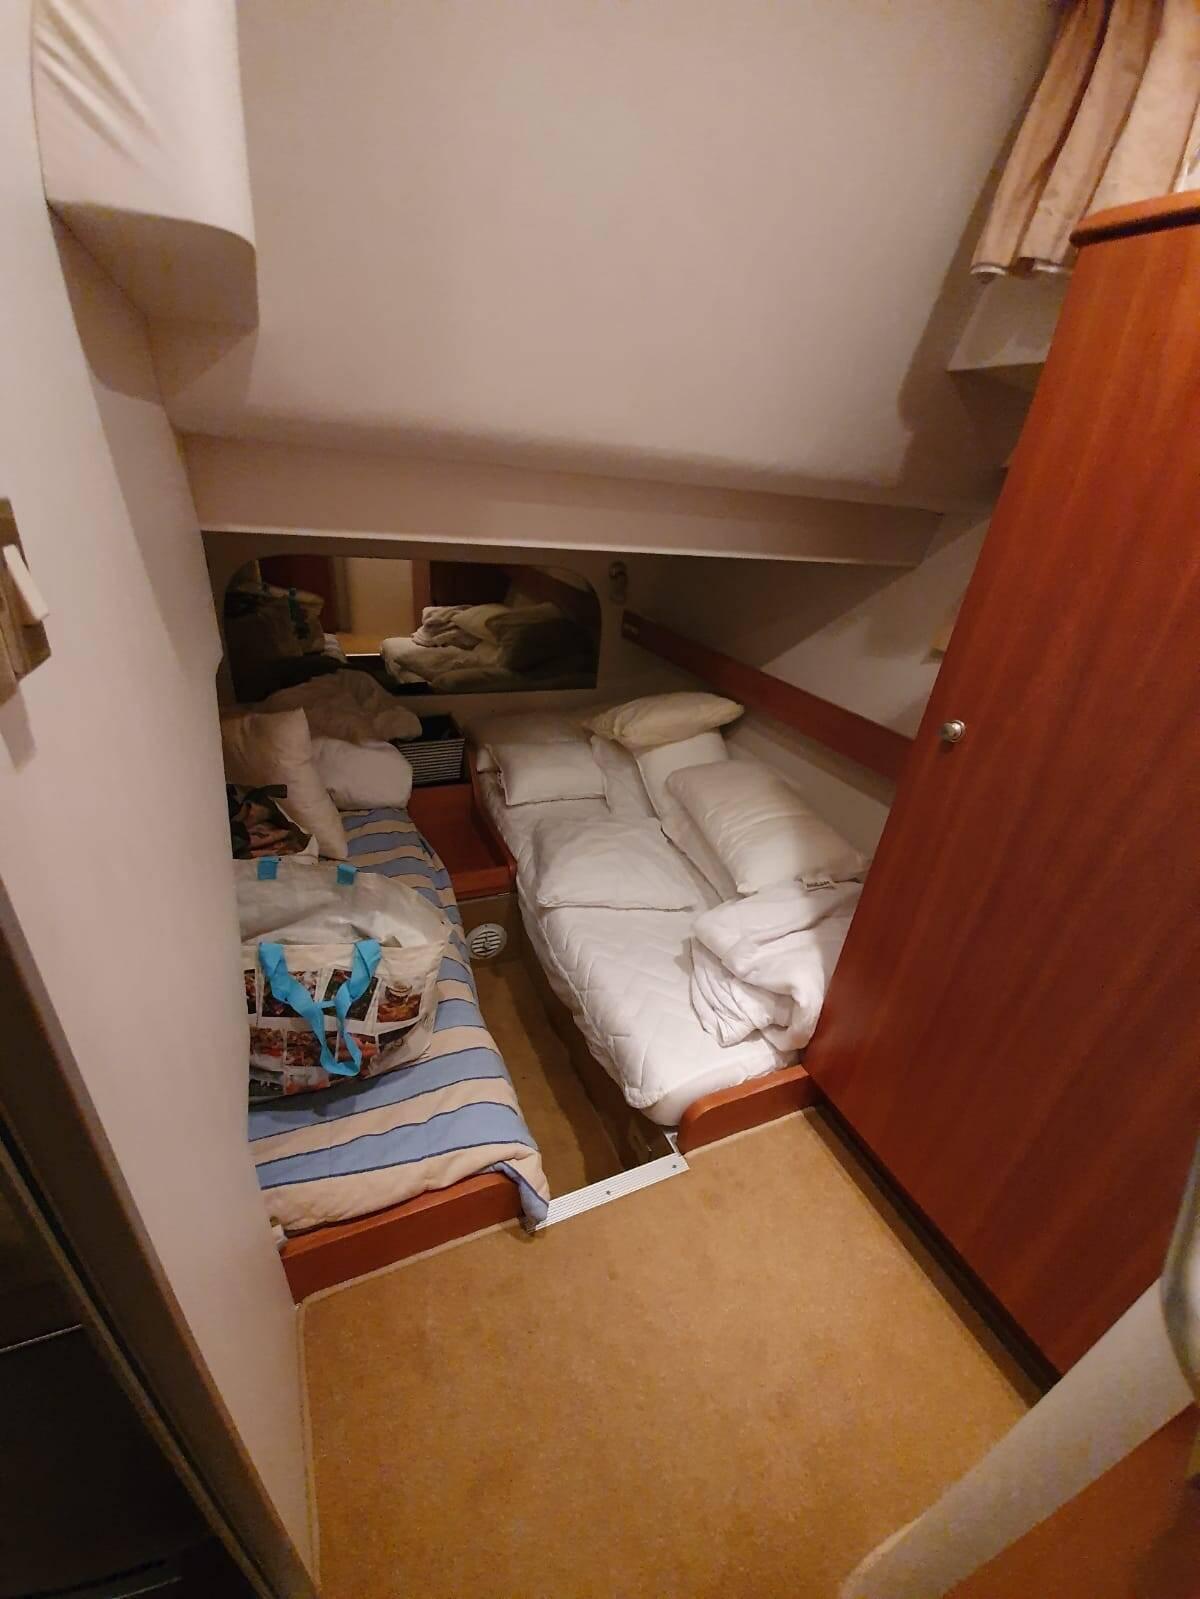 cabin Rodman Motor Yacht For Sale Barcelona Spain